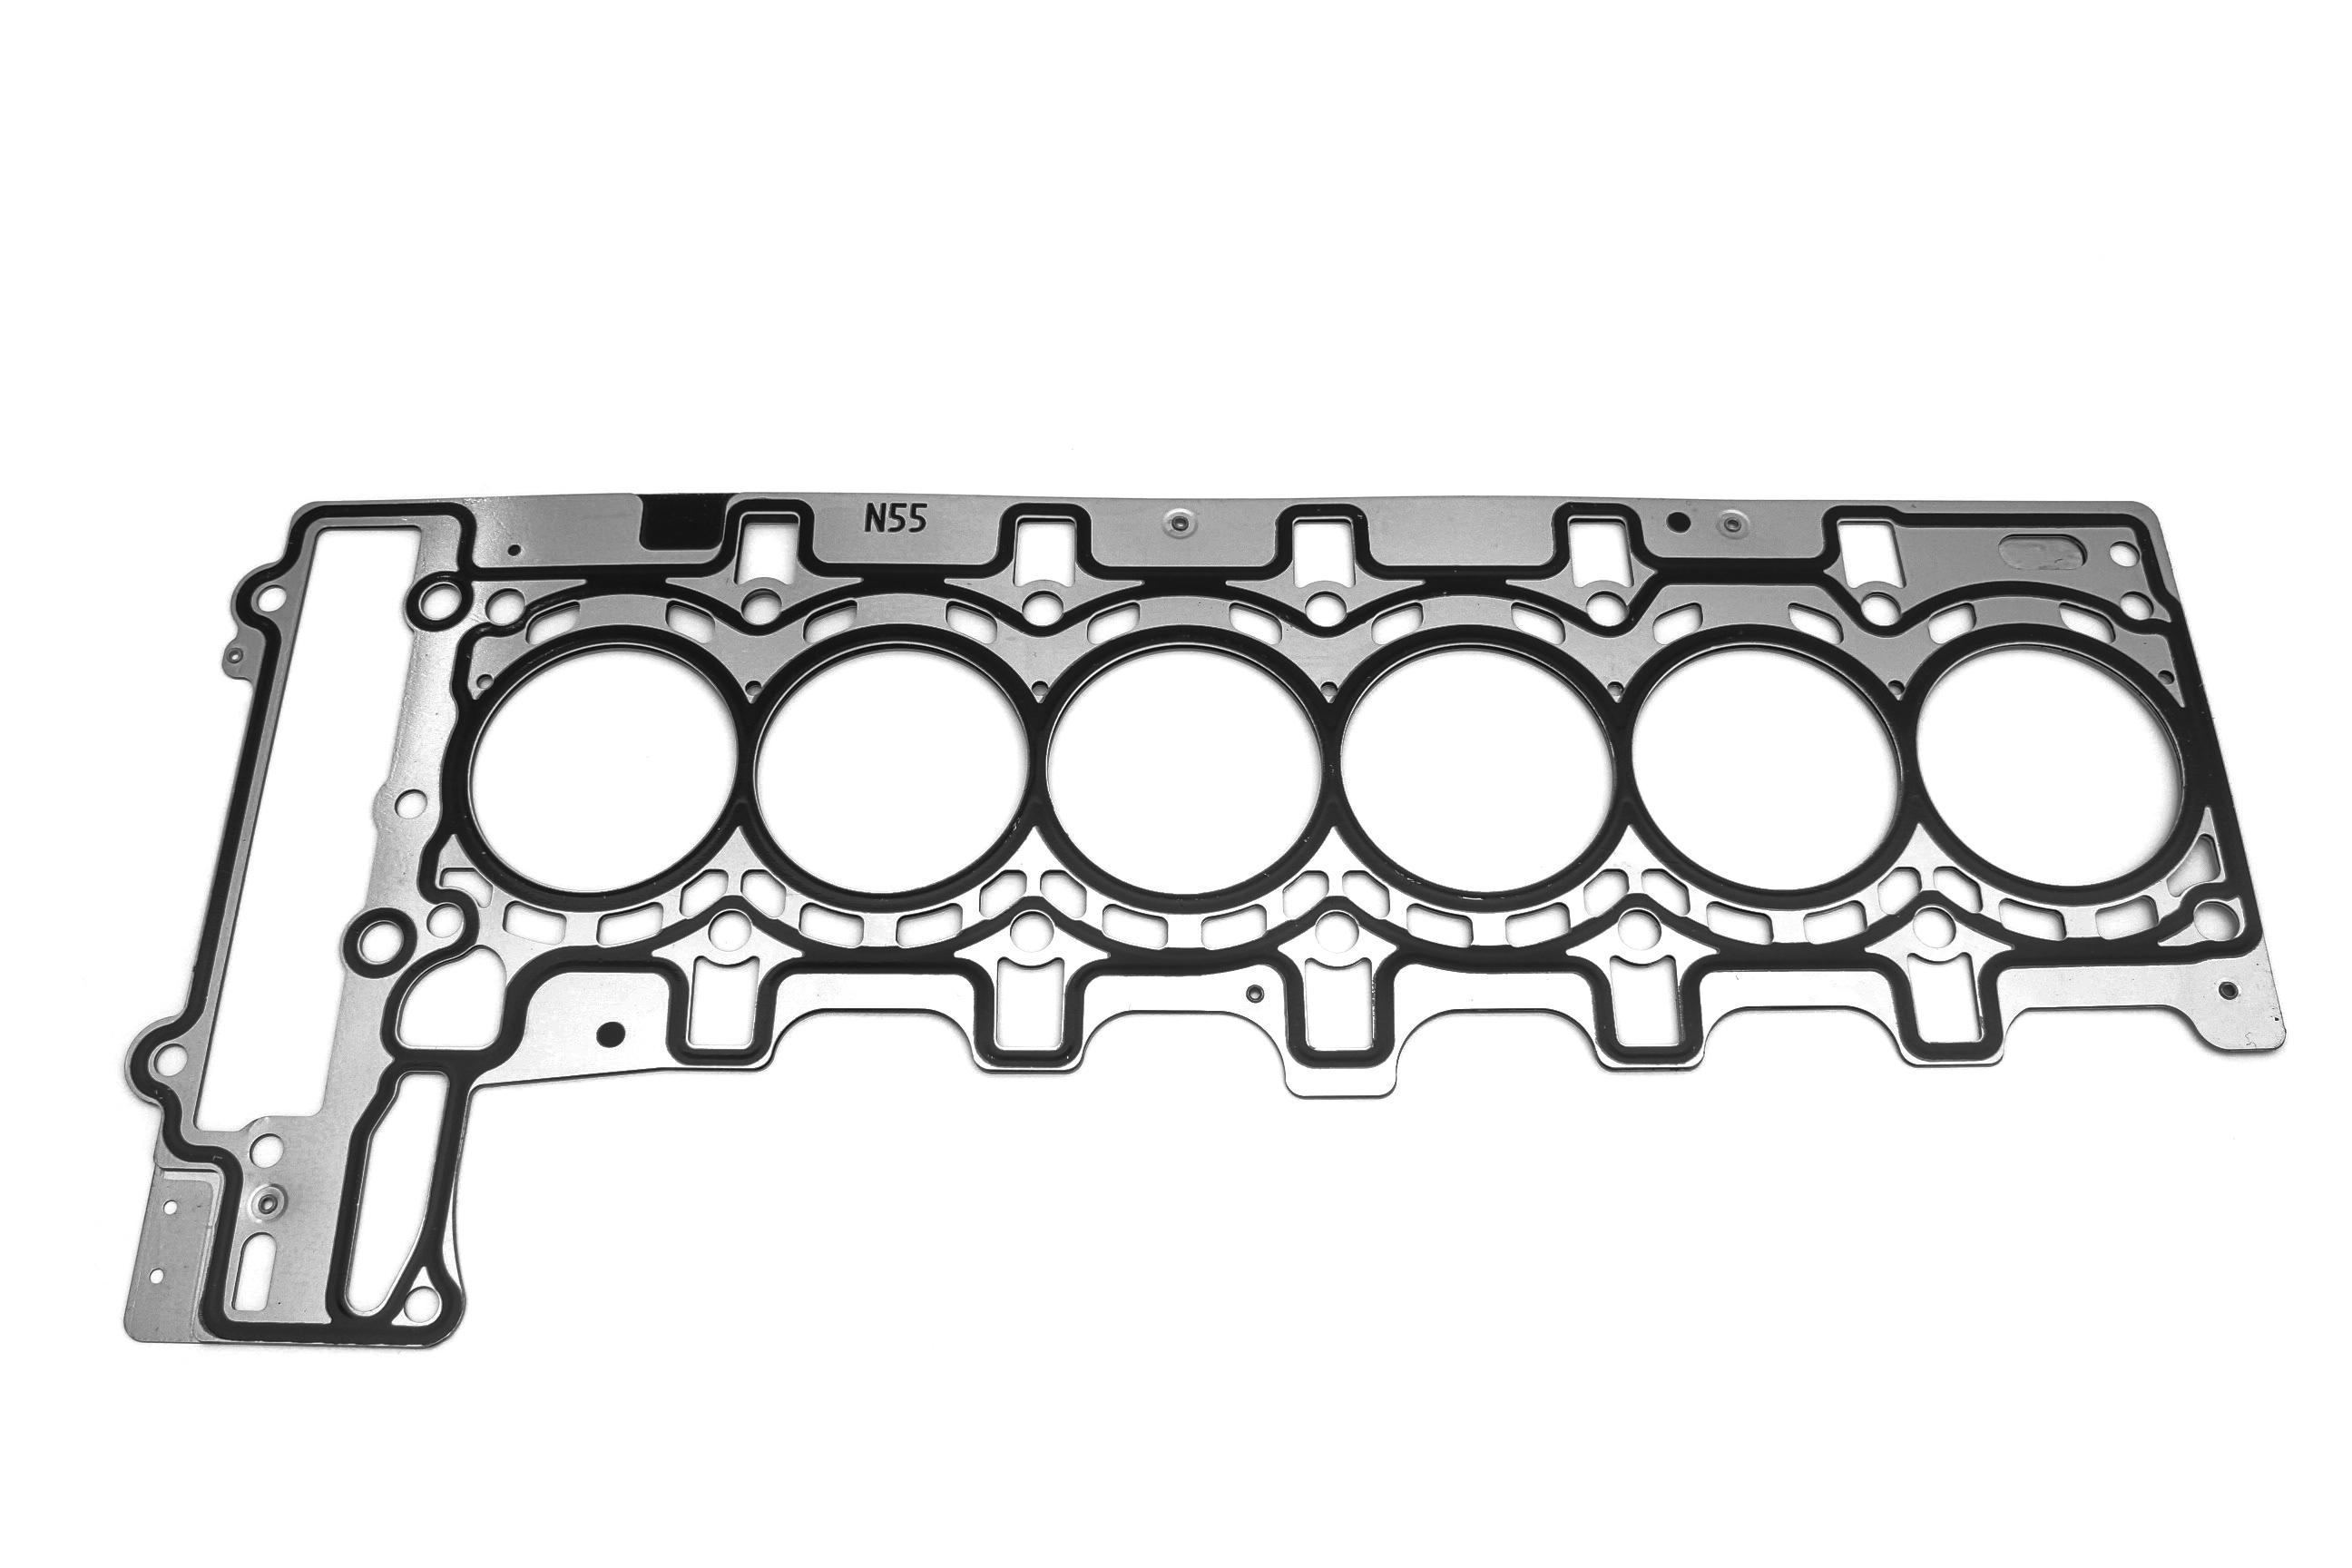 Junta da cabeça do cilindro BMW série 1 F20 F21 M 135 eu 3.0 N55 N55B30A 11127599212 NOVO